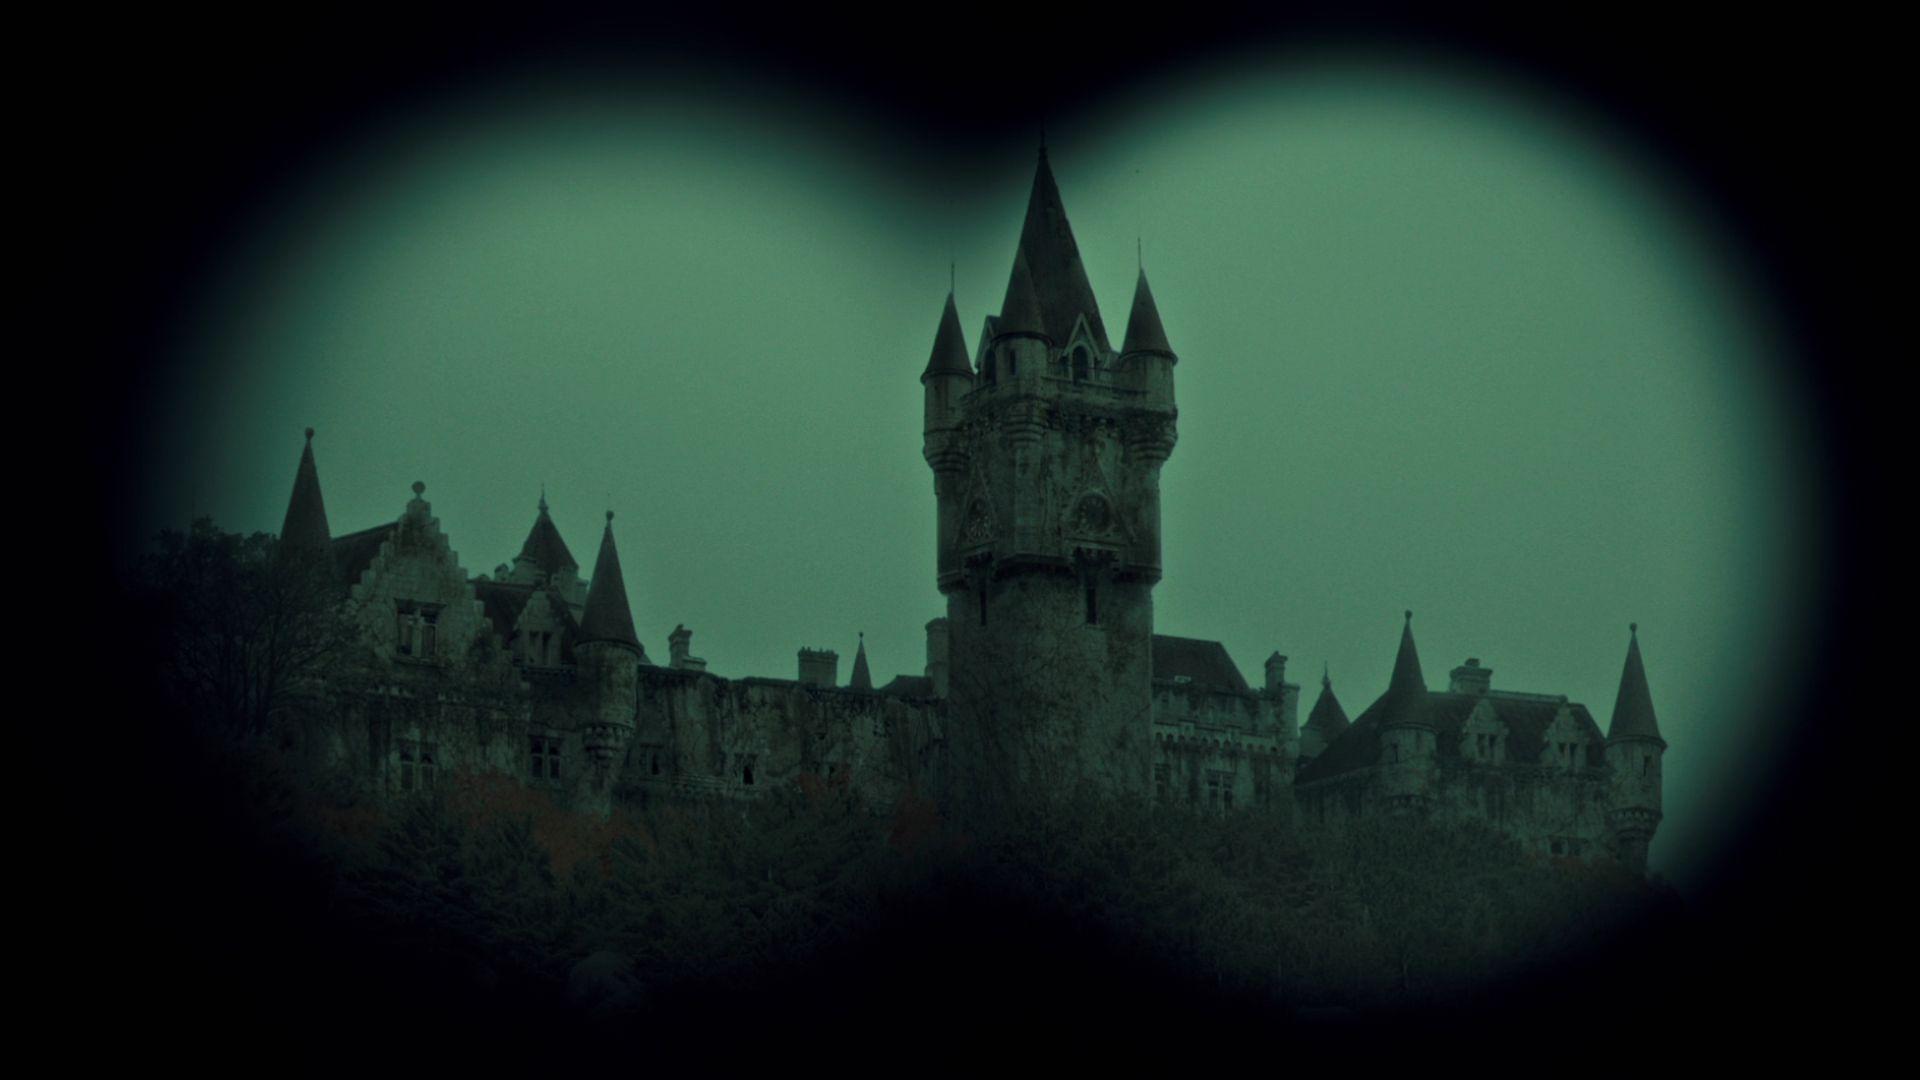 Le palais de l'ogre